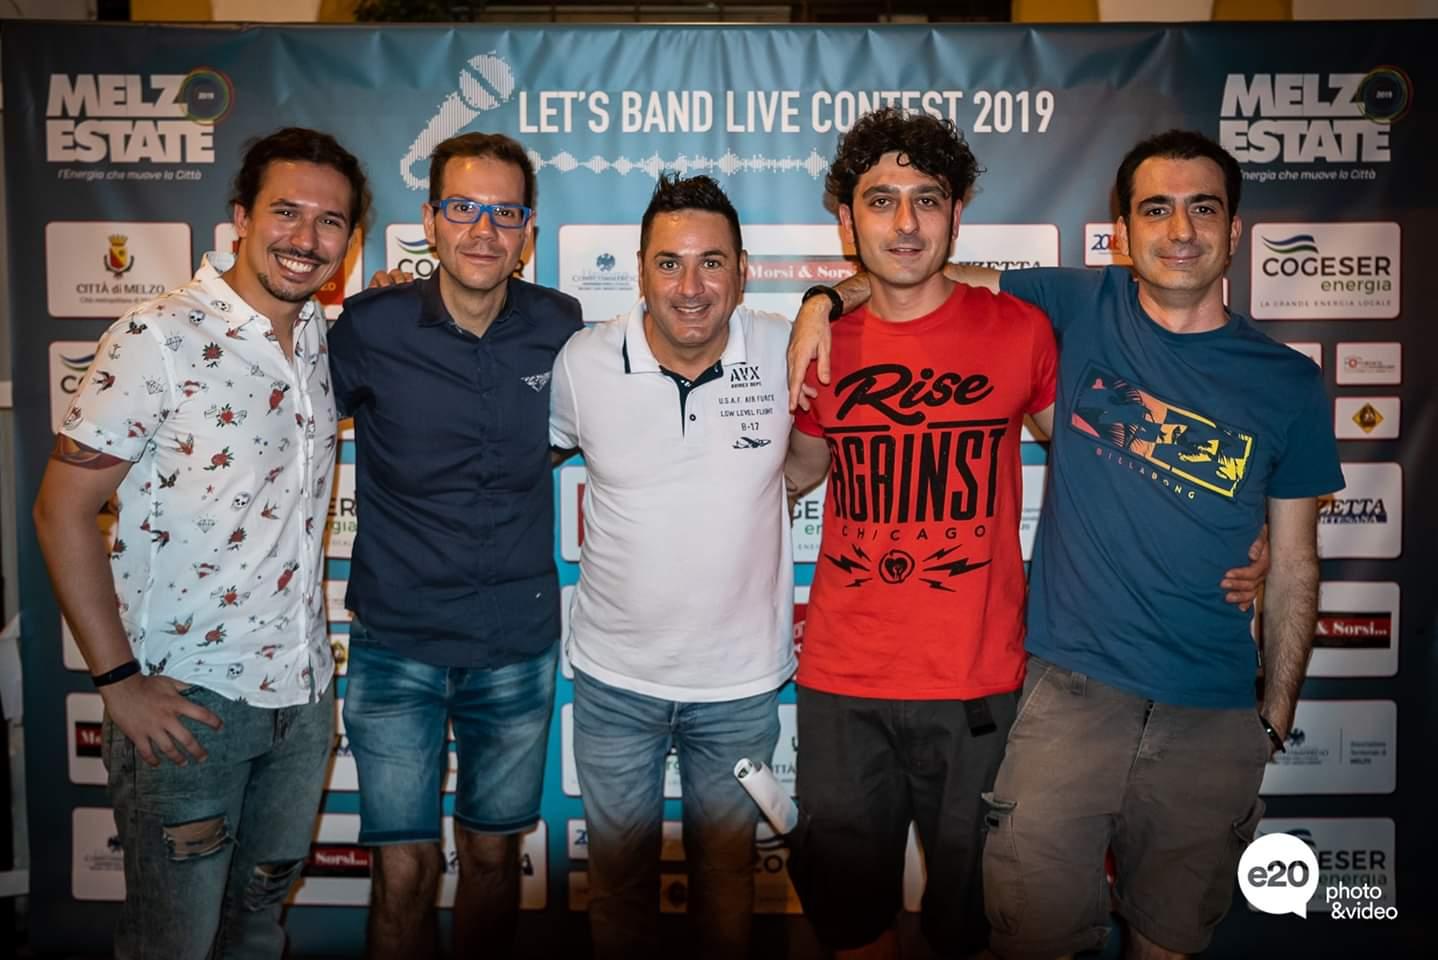 Melzo seconda semifinale del let's band live contest foto della giuria